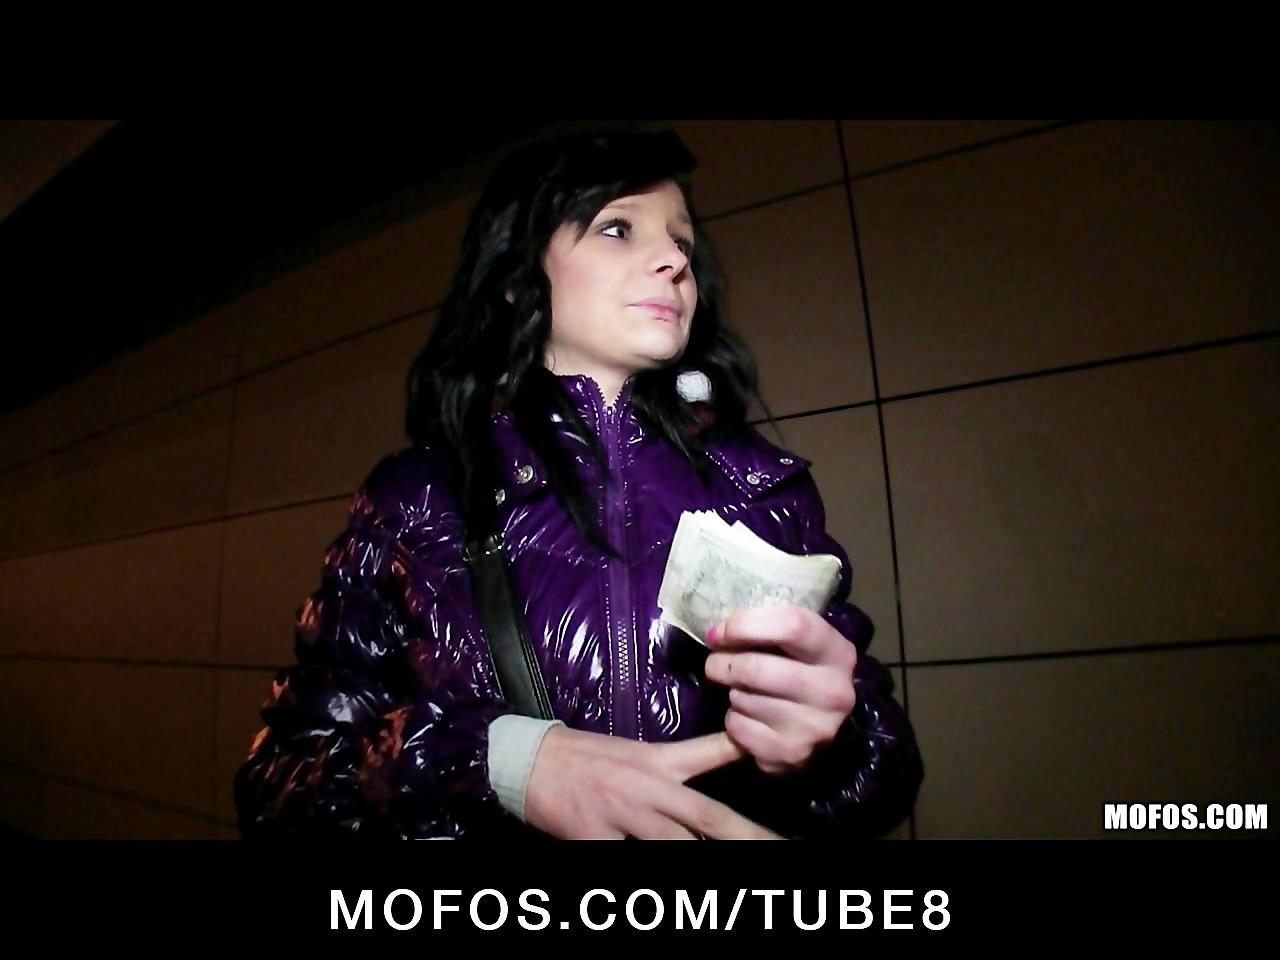 mofos czech